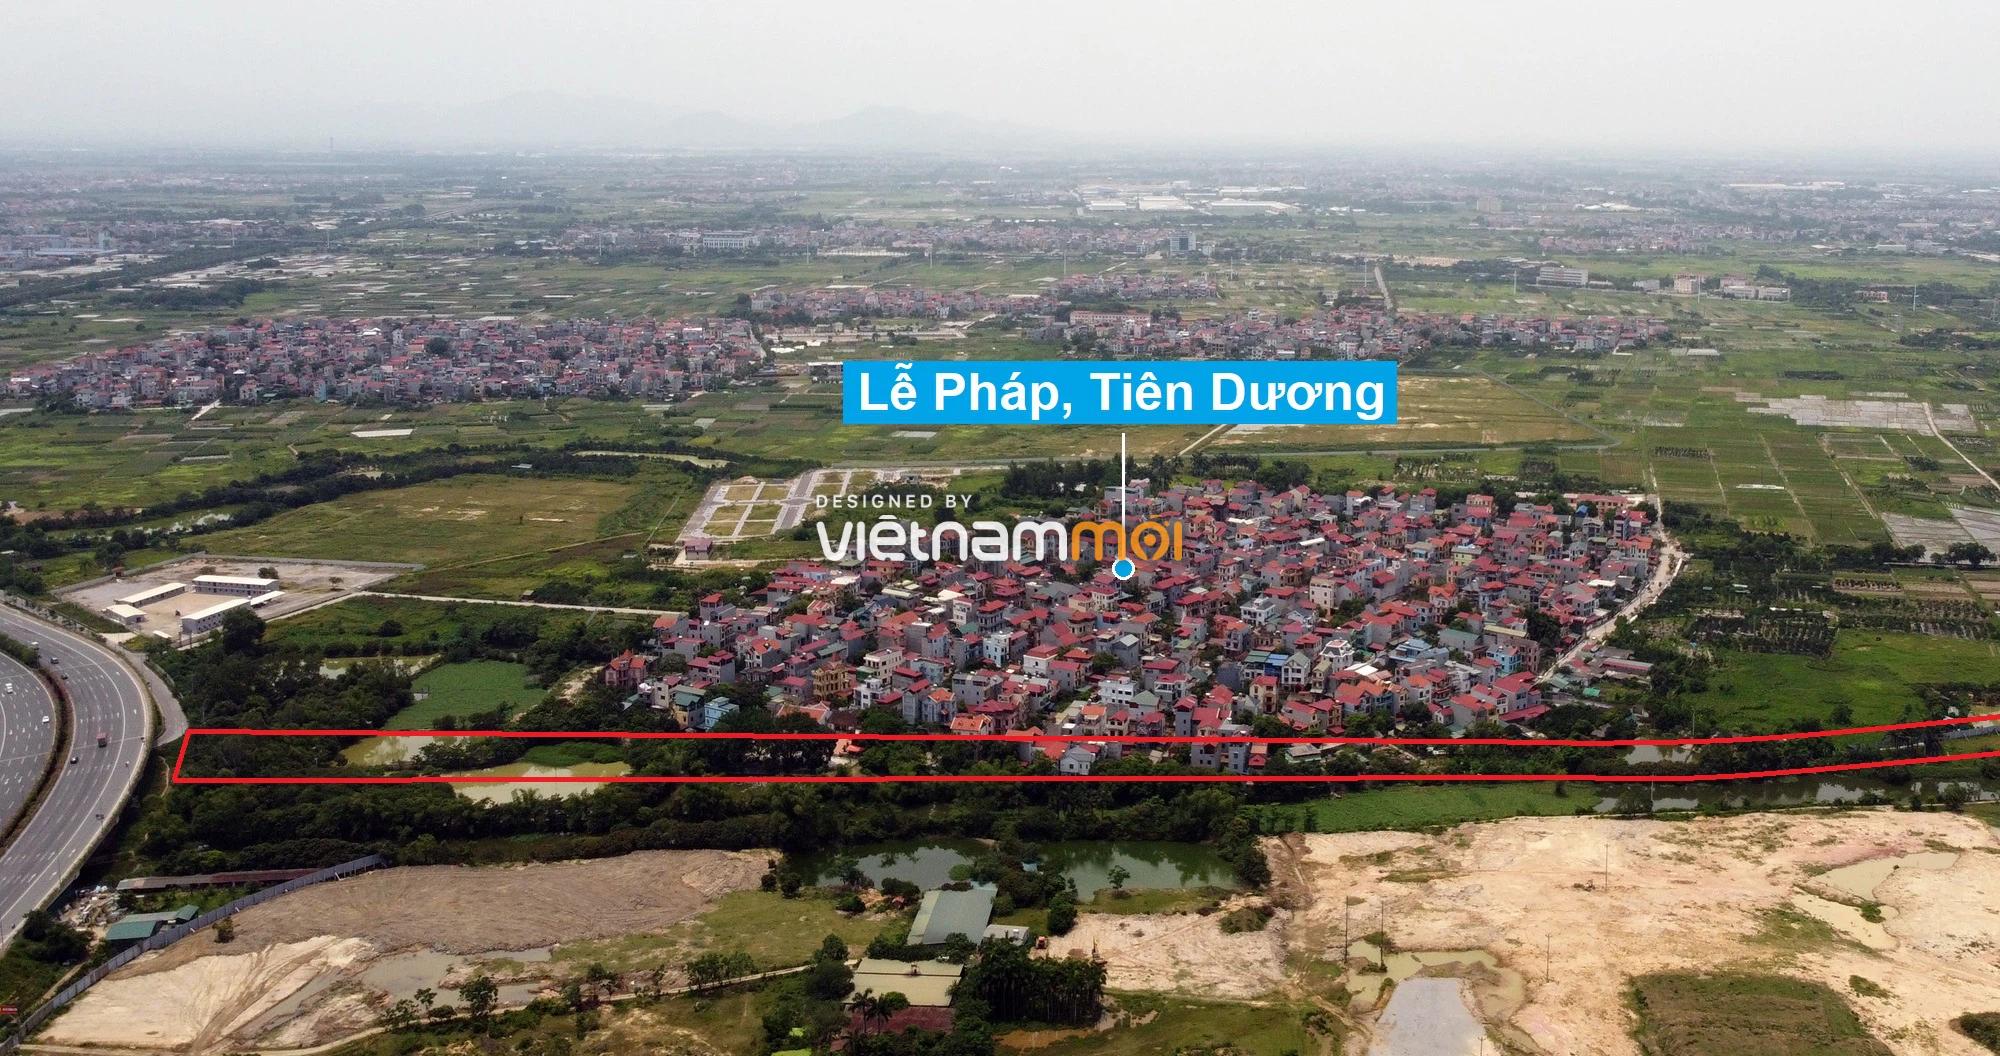 Đường sẽ mở theo quy hoạch xung quanh dự án Thành phố Thông minh Bắc Hà Nội (phần 2) - Ảnh 3.